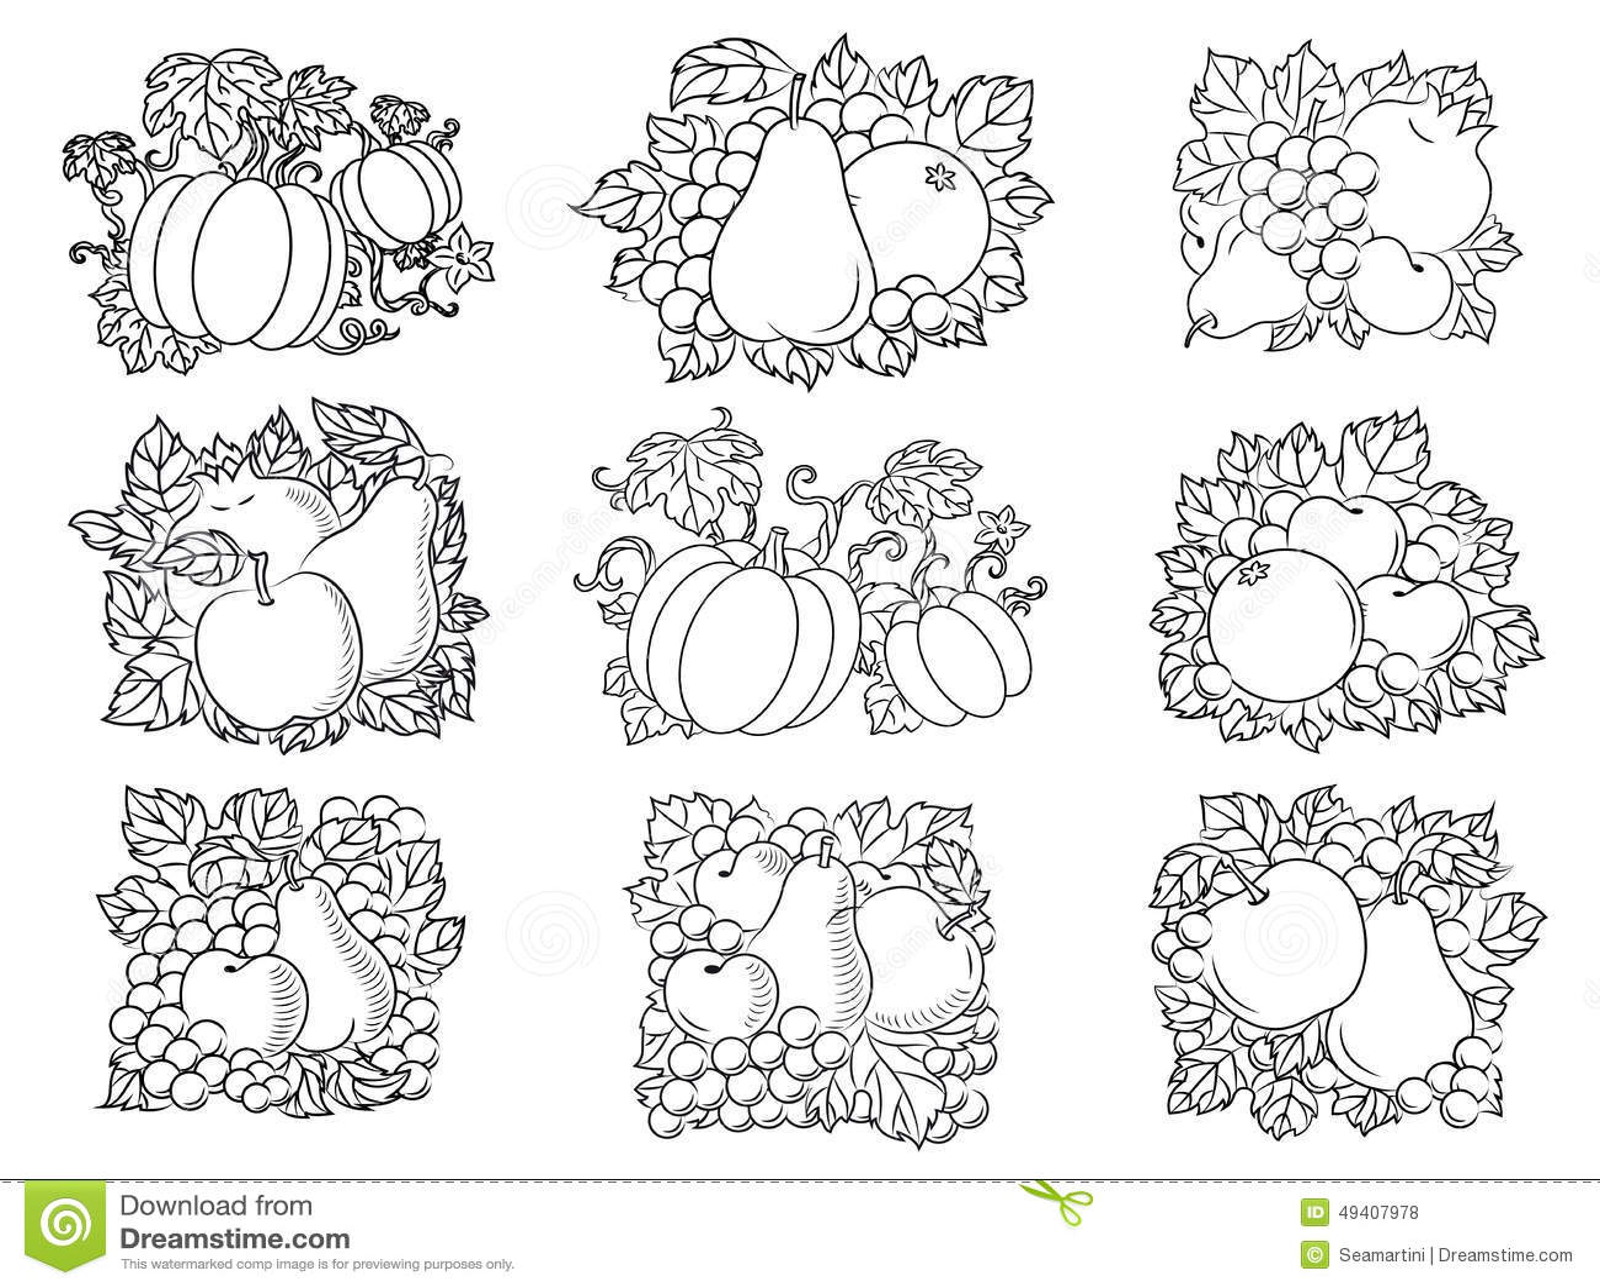 减速火箭的剪影水果和蔬菜结构的新鲜的苹果,梨,南瓜,石榴,杏子,桔子图片